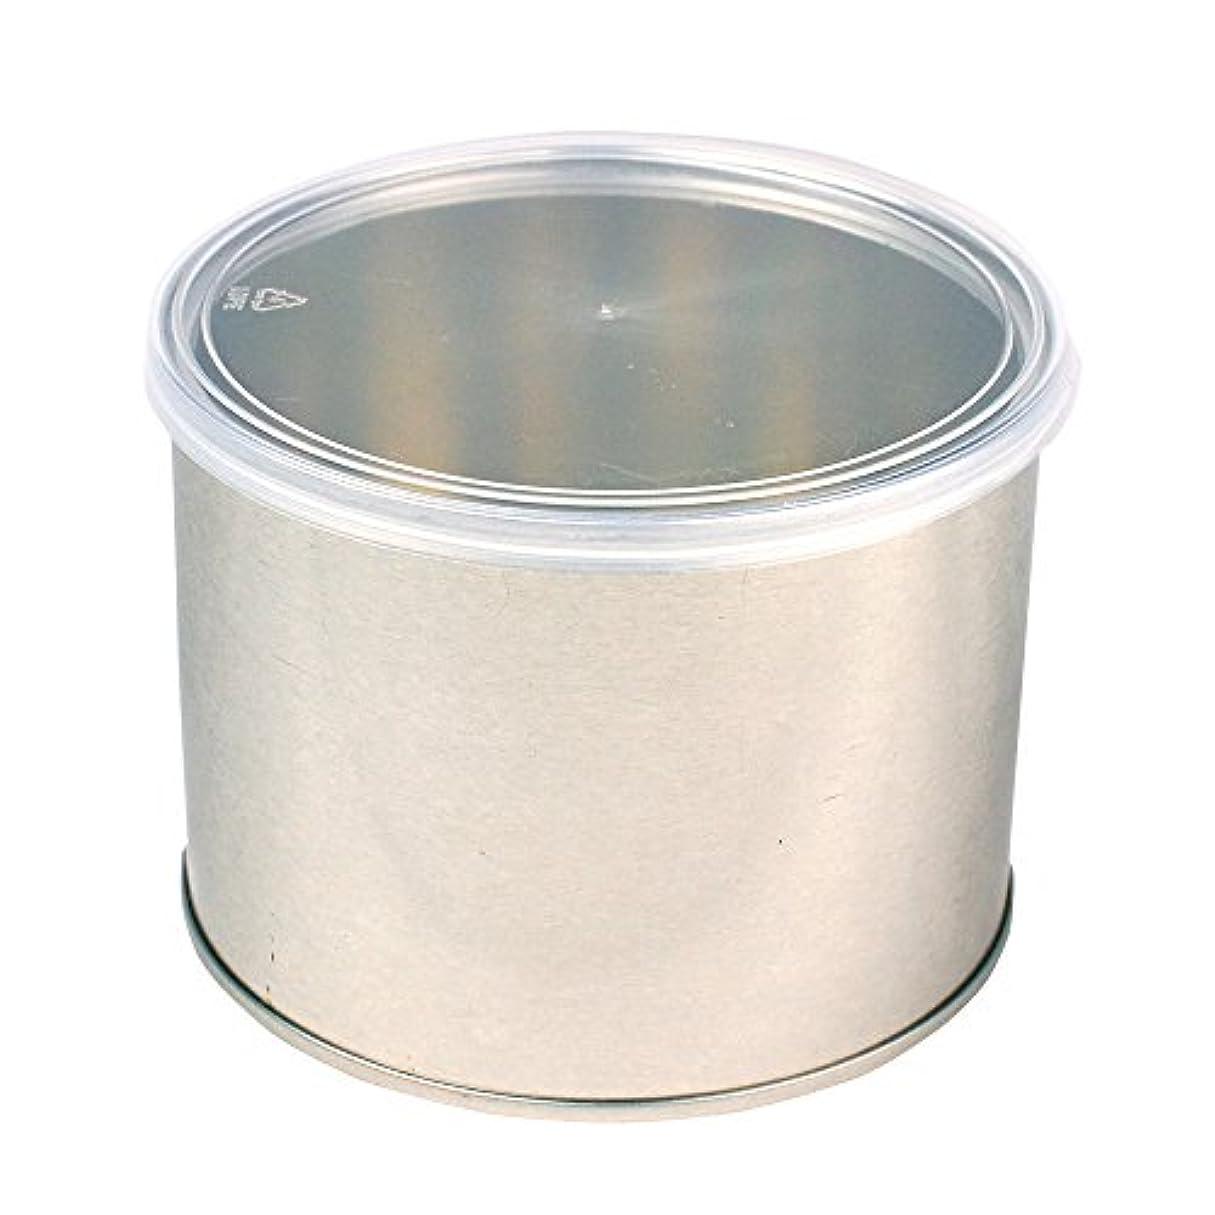 安心買い物に行くチャレンジワックス脱毛用スチール缶 ハード?ソフト両用 キャップ付 5個(032-5) ブラジリアンワックス